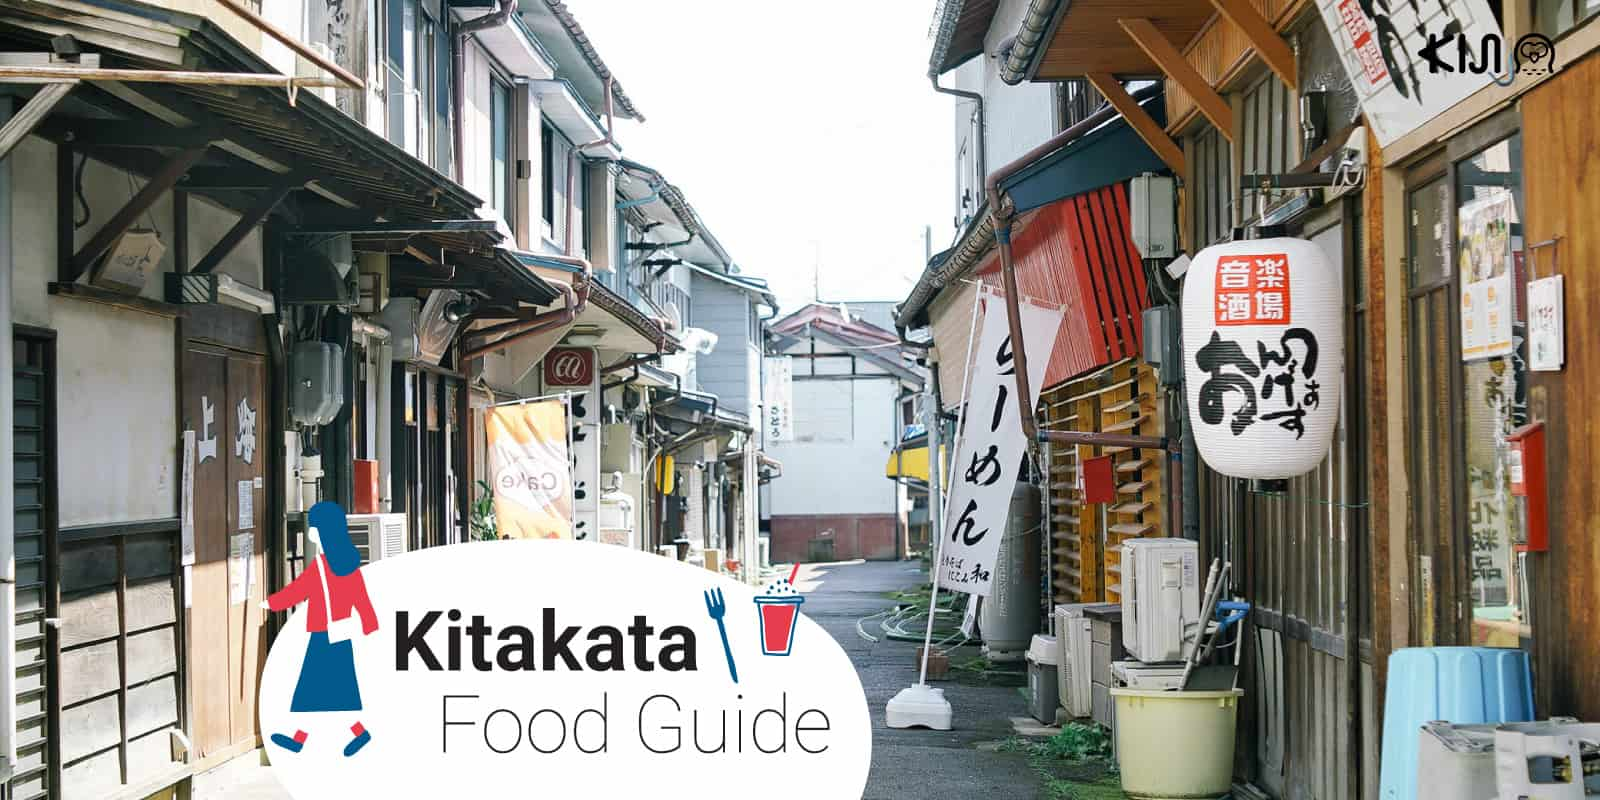 ราเมน คิตะคาตะ ร้านอาหาร คาเฟ่ ฟุกุชิมะ